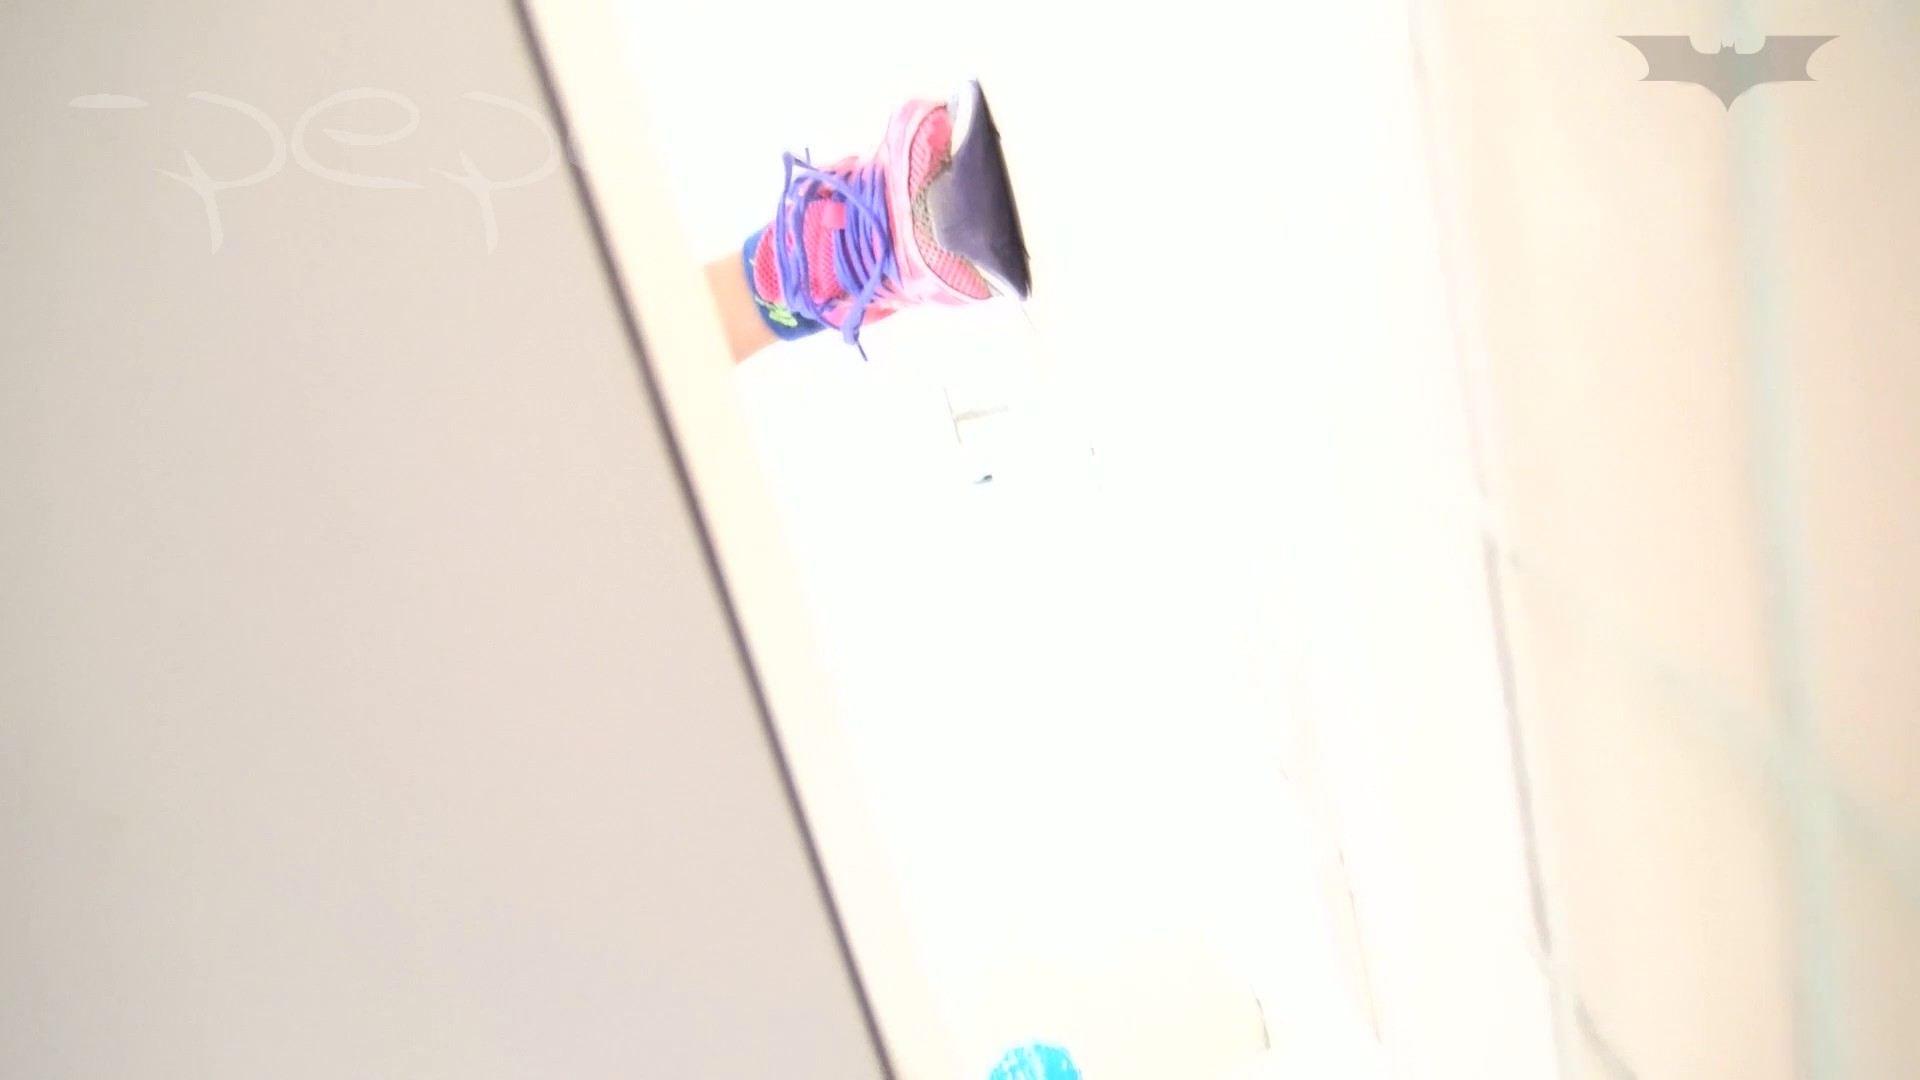 超美女ツル!うんこ見所満載! 期間限定神キタ!ツルピカの放nyo!Vol.12 美女 ワレメ無修正動画無料 112画像 101